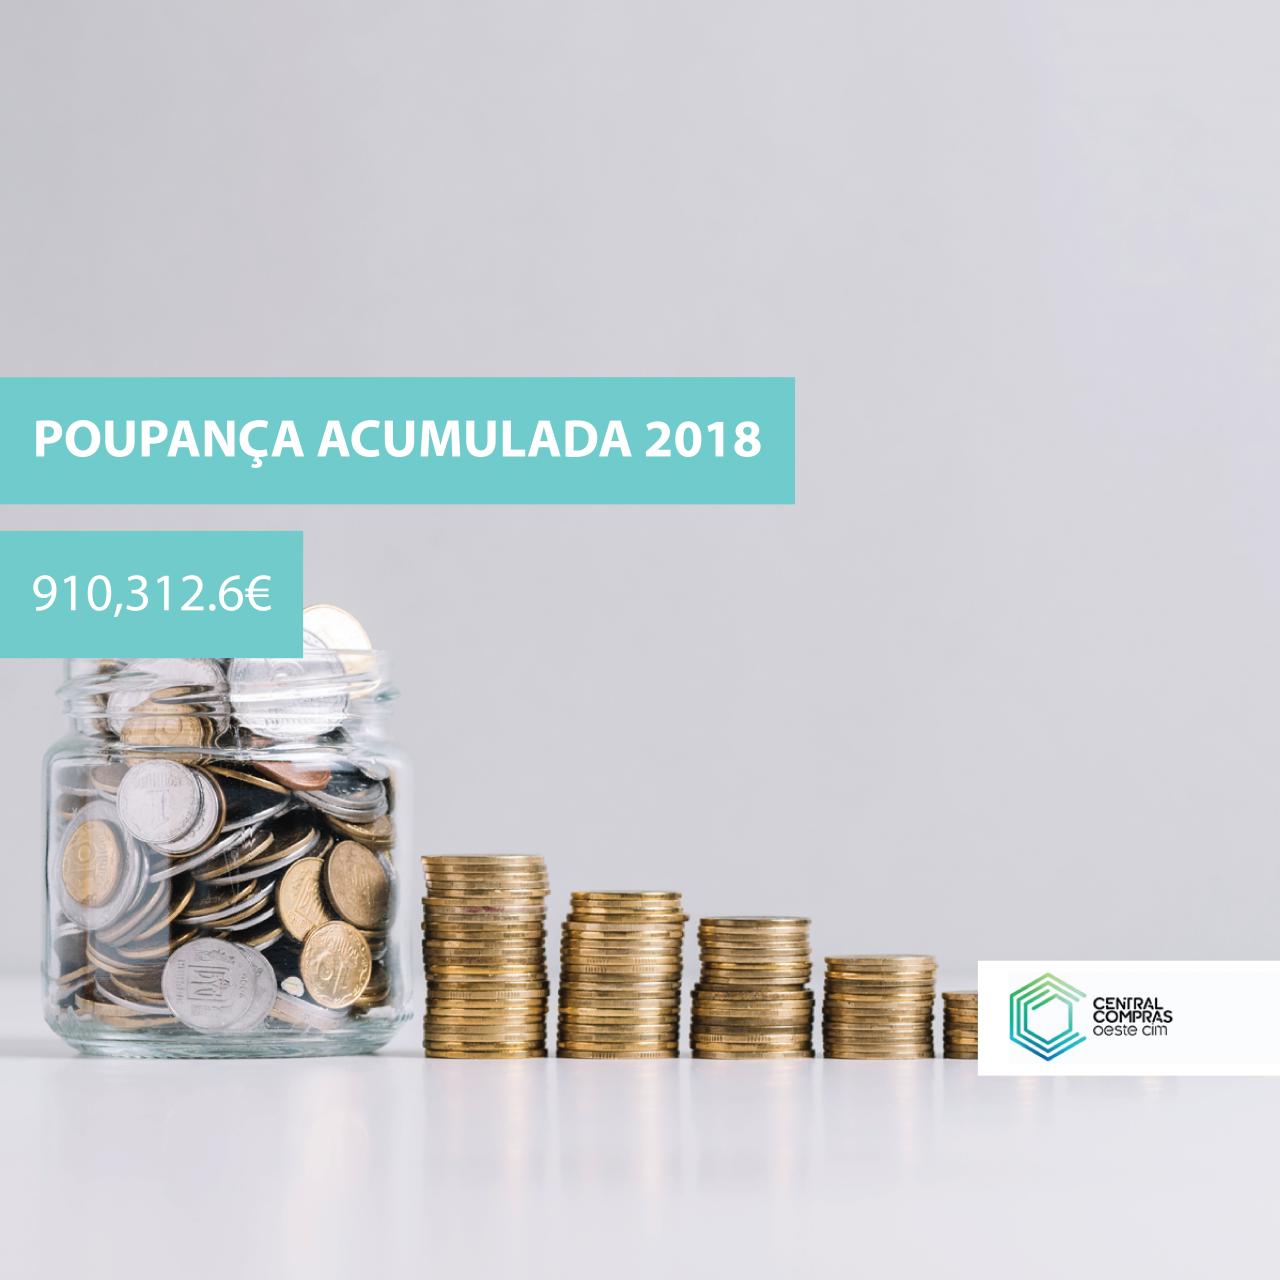 Poupança acumulada ultrapassa os 900.000€, em 2018